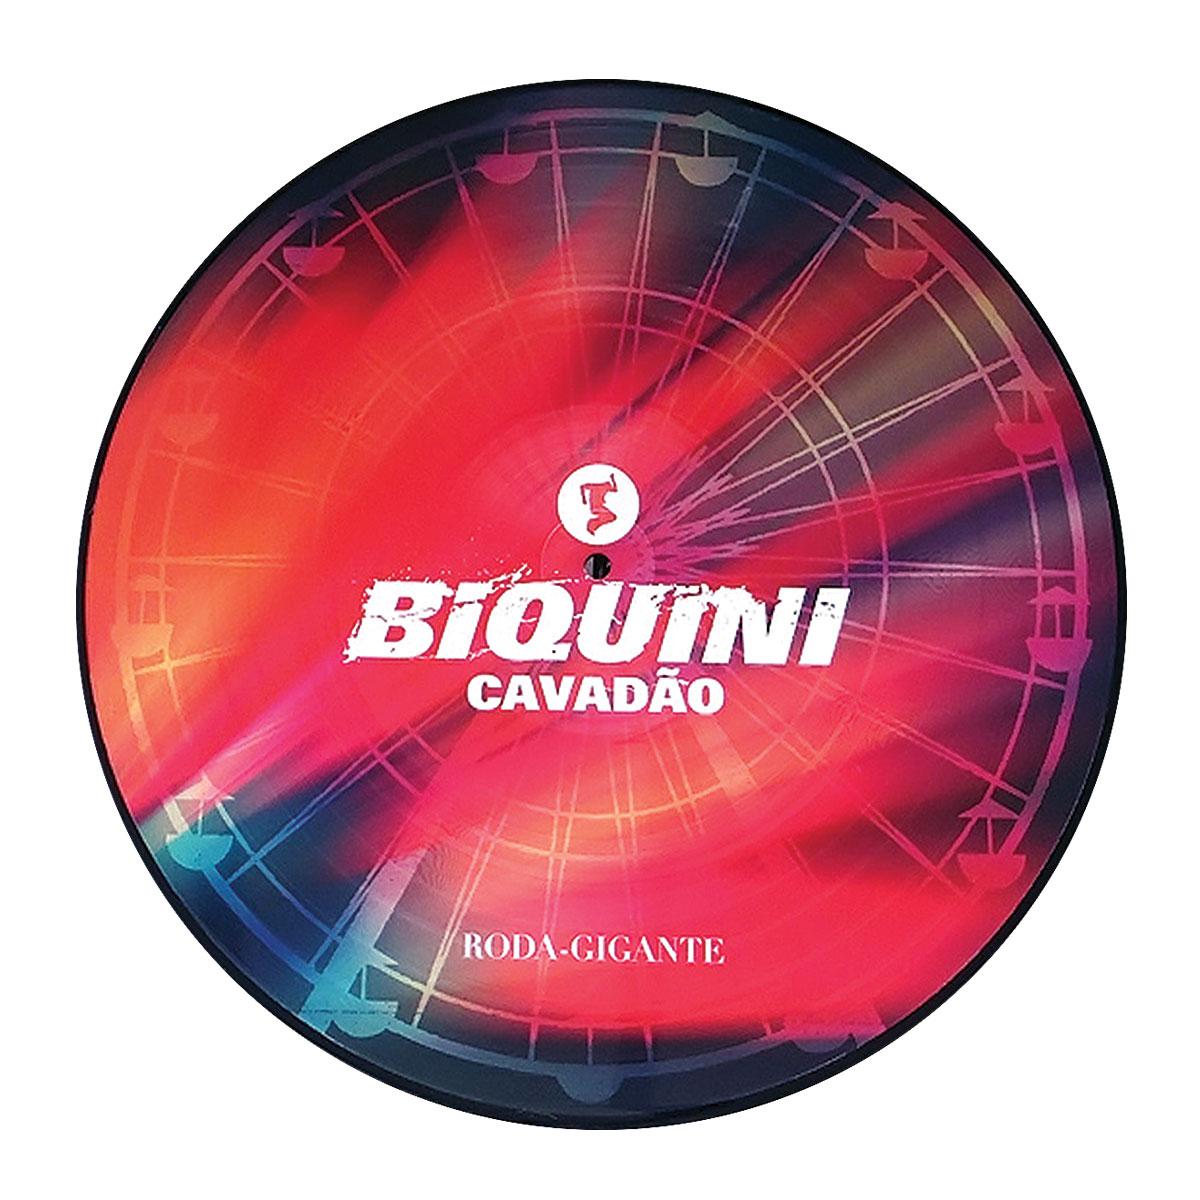 Vinil Biquini Cavadão - Roda Gigante